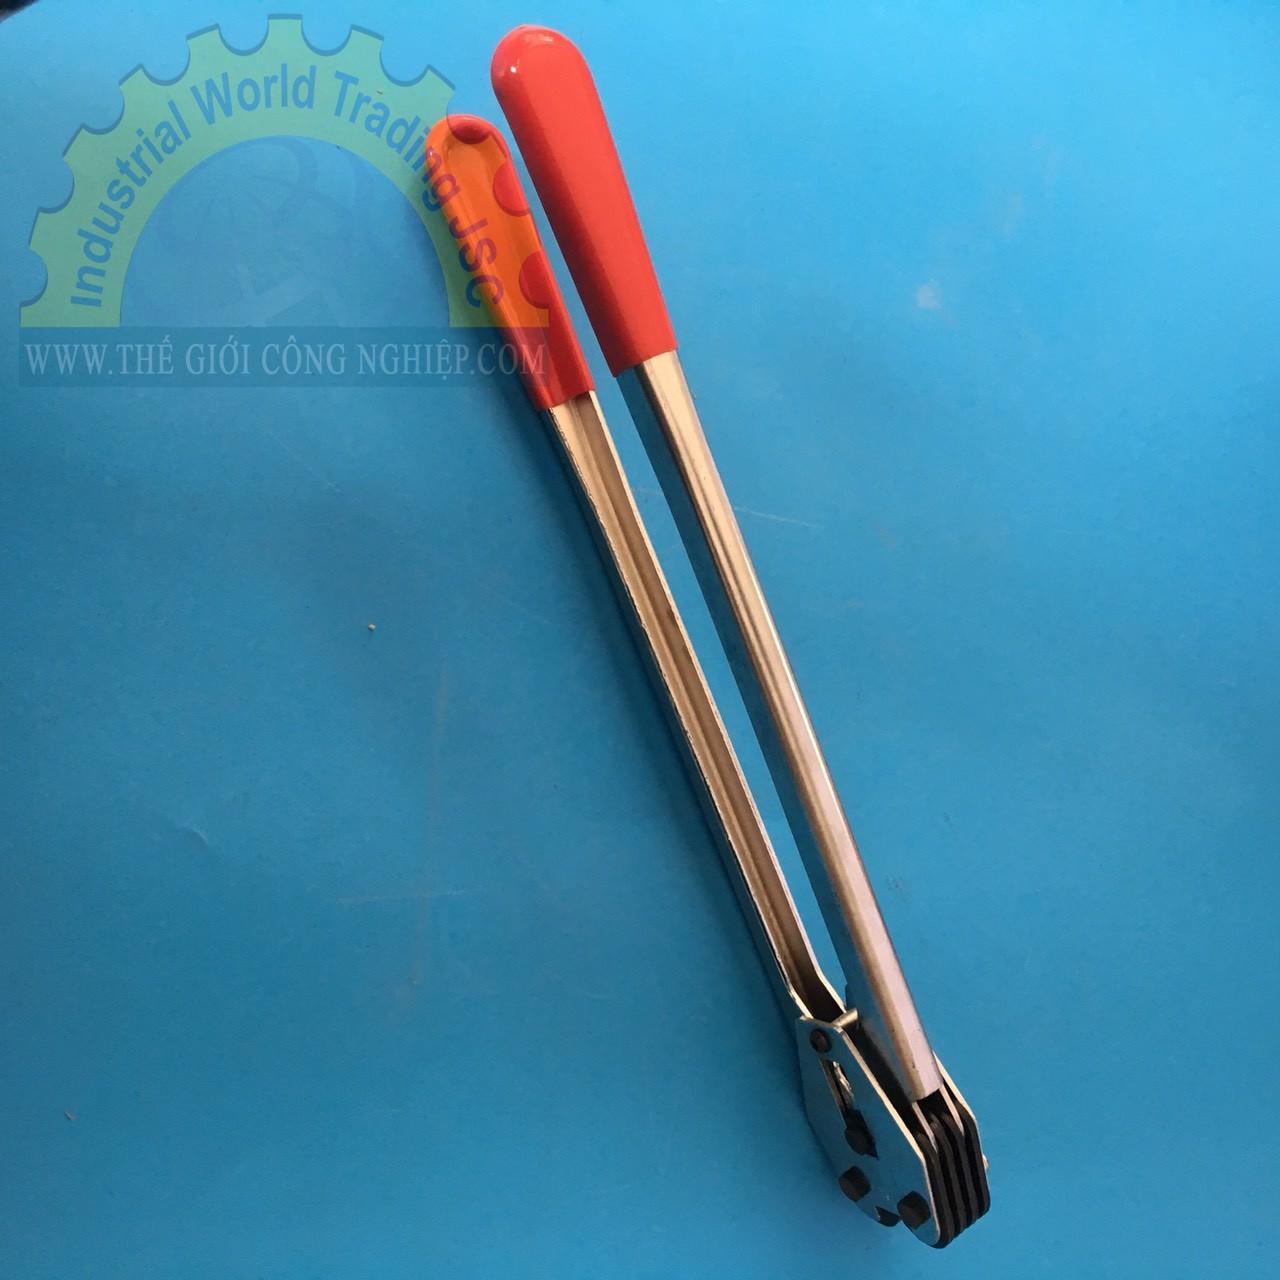 Dụng cụ bấm bọ đai nhựa  C5006 Ybico